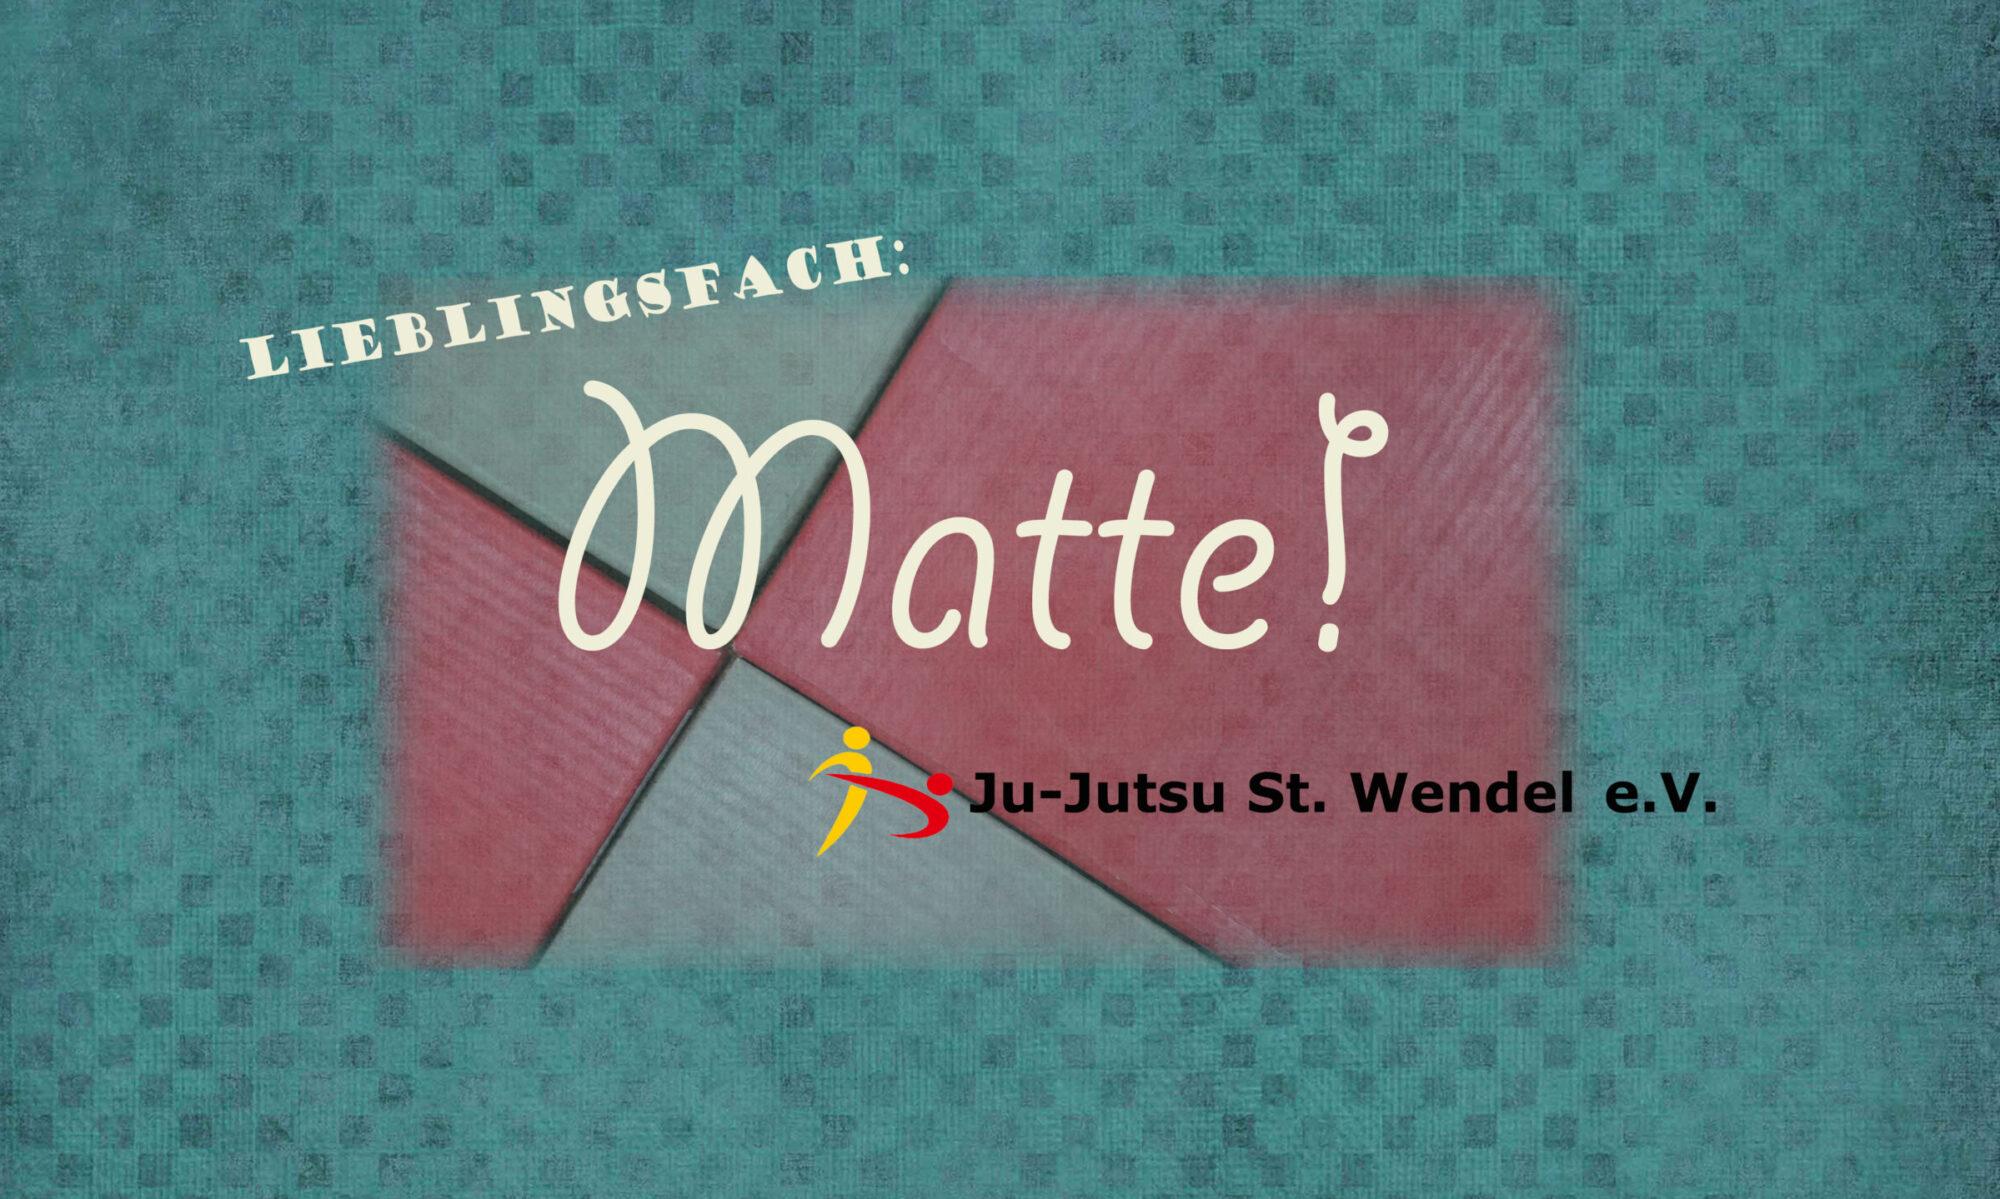 Ju-Jutsu St. Wendel e.V.